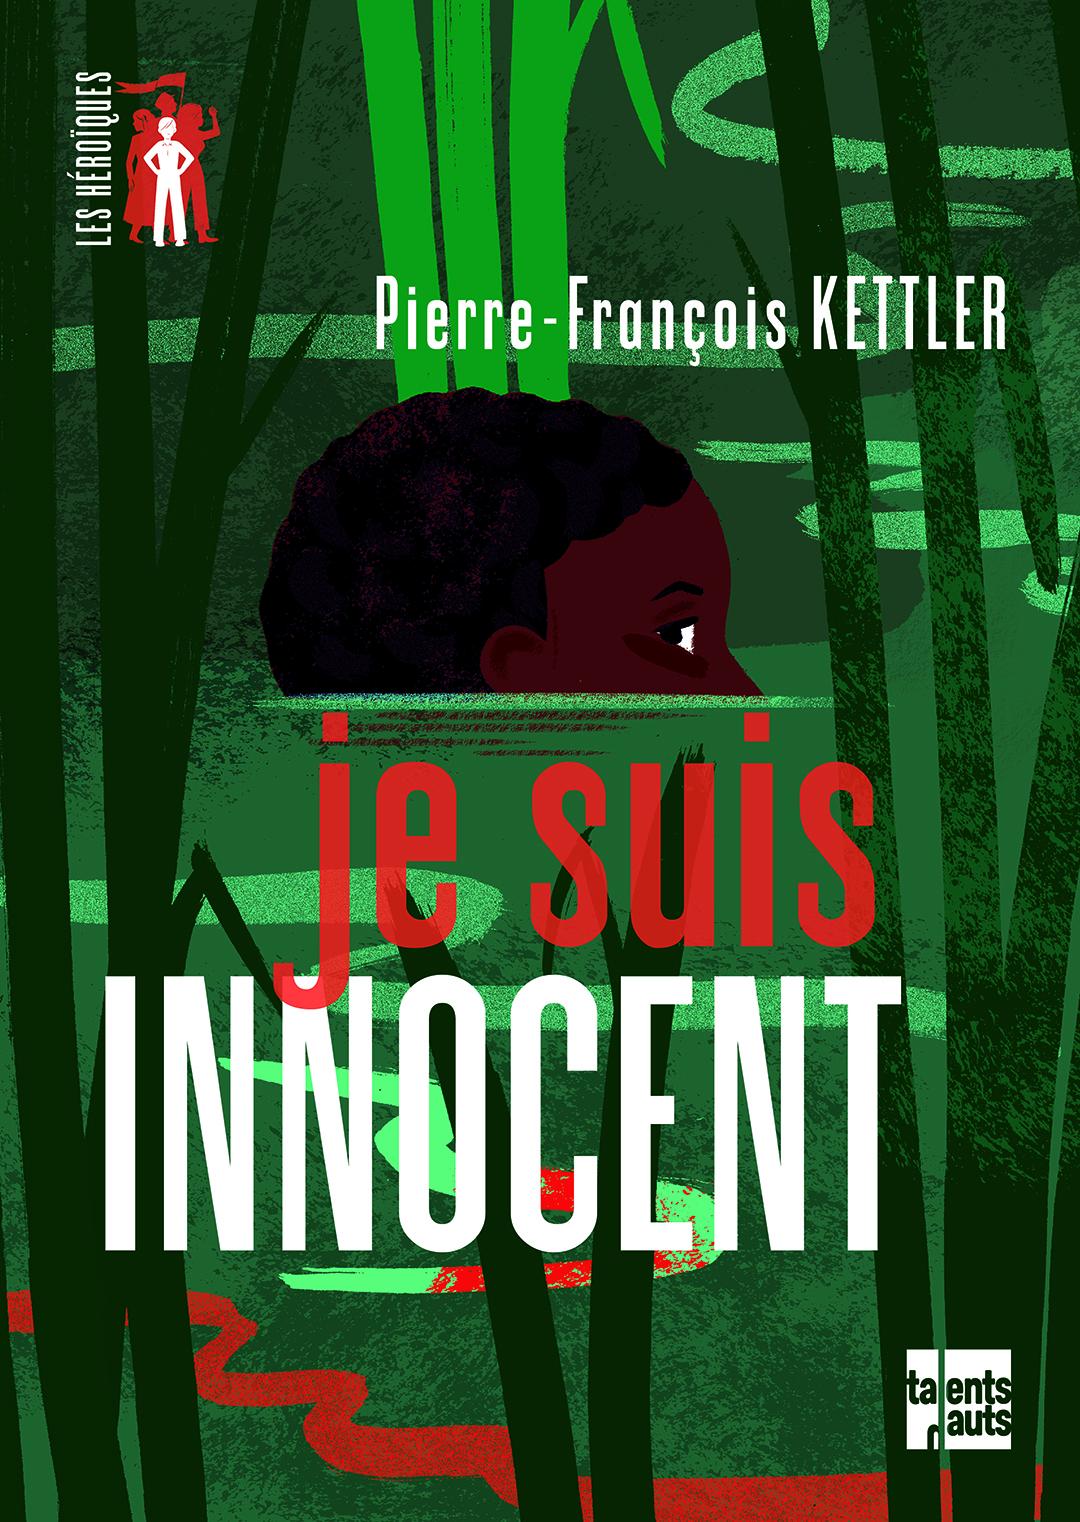 « Je suis Innocent », de Pierre-François Kettler, est paru aux éditions Talents Hauts (288 pages, 16 euros).